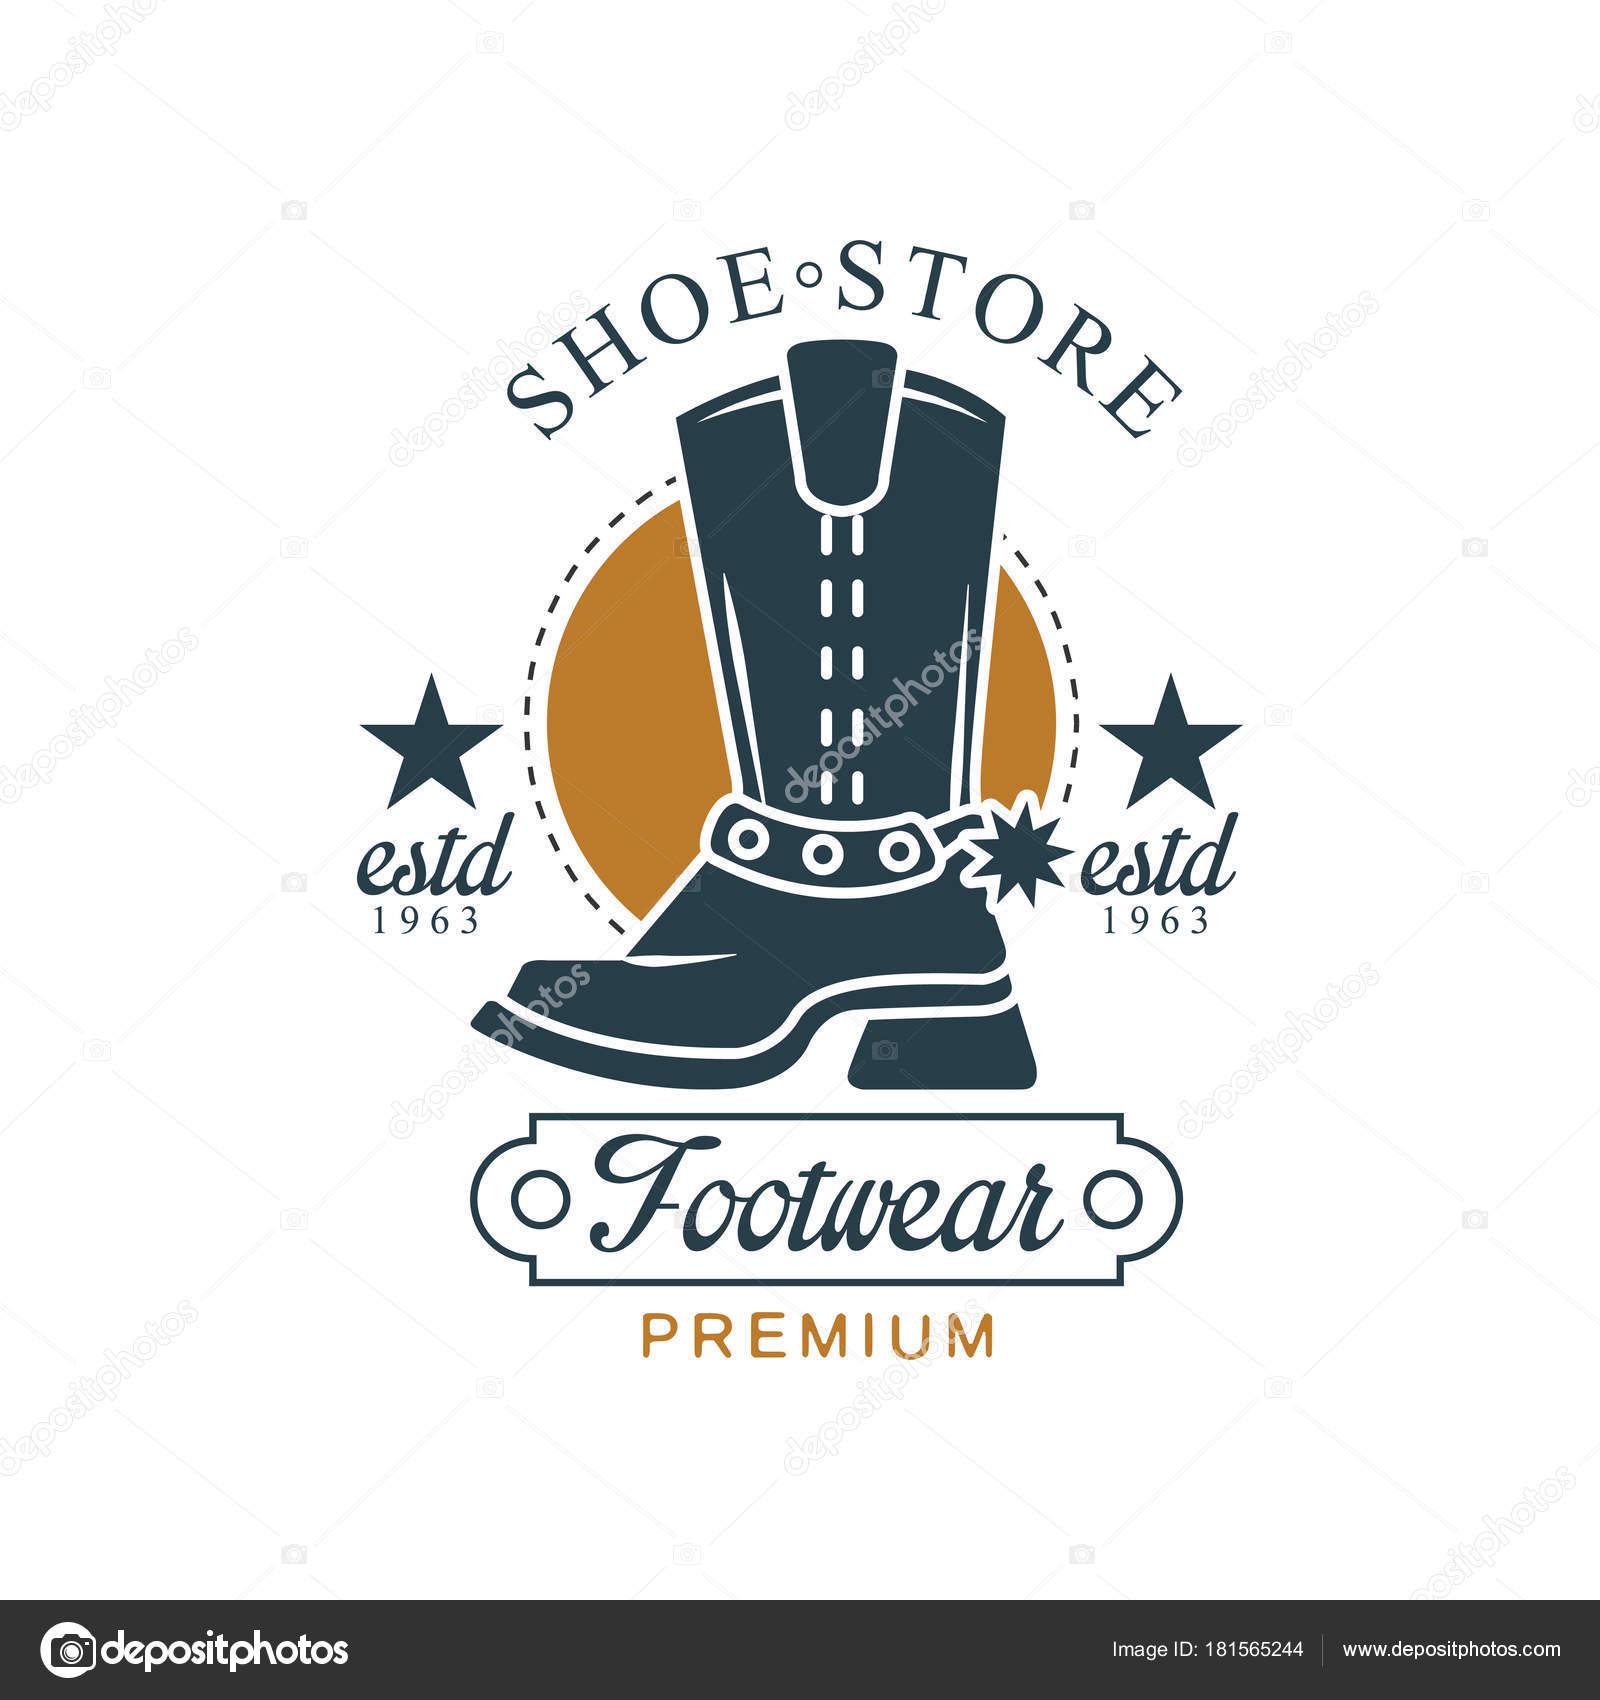 35f2b0fb Tienda de zapatos, calzado premium, estd 1963, vintage tarjeta de identidad  de la empresa, marca, Zapatero o zapatos reparación vector ilustración  sobre un ...